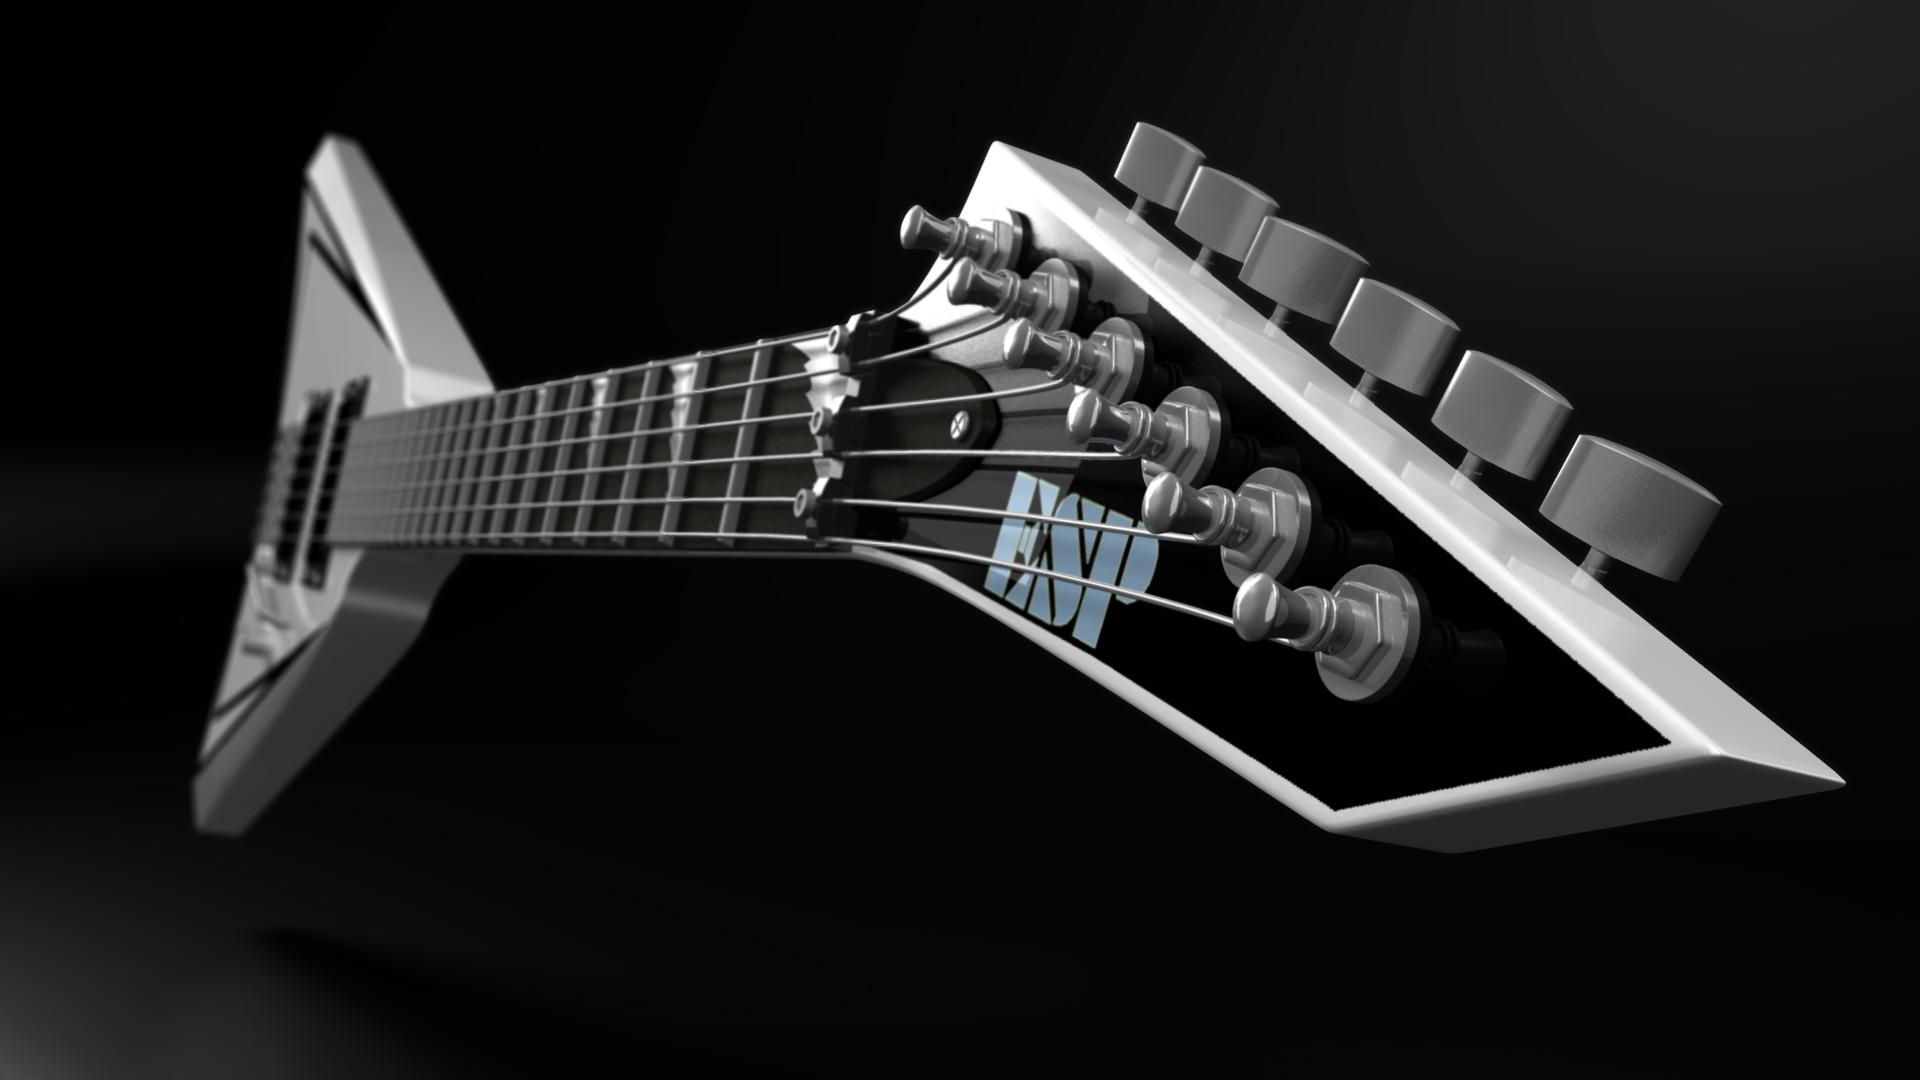 Обои музыка, гитары. Музыка foto 2